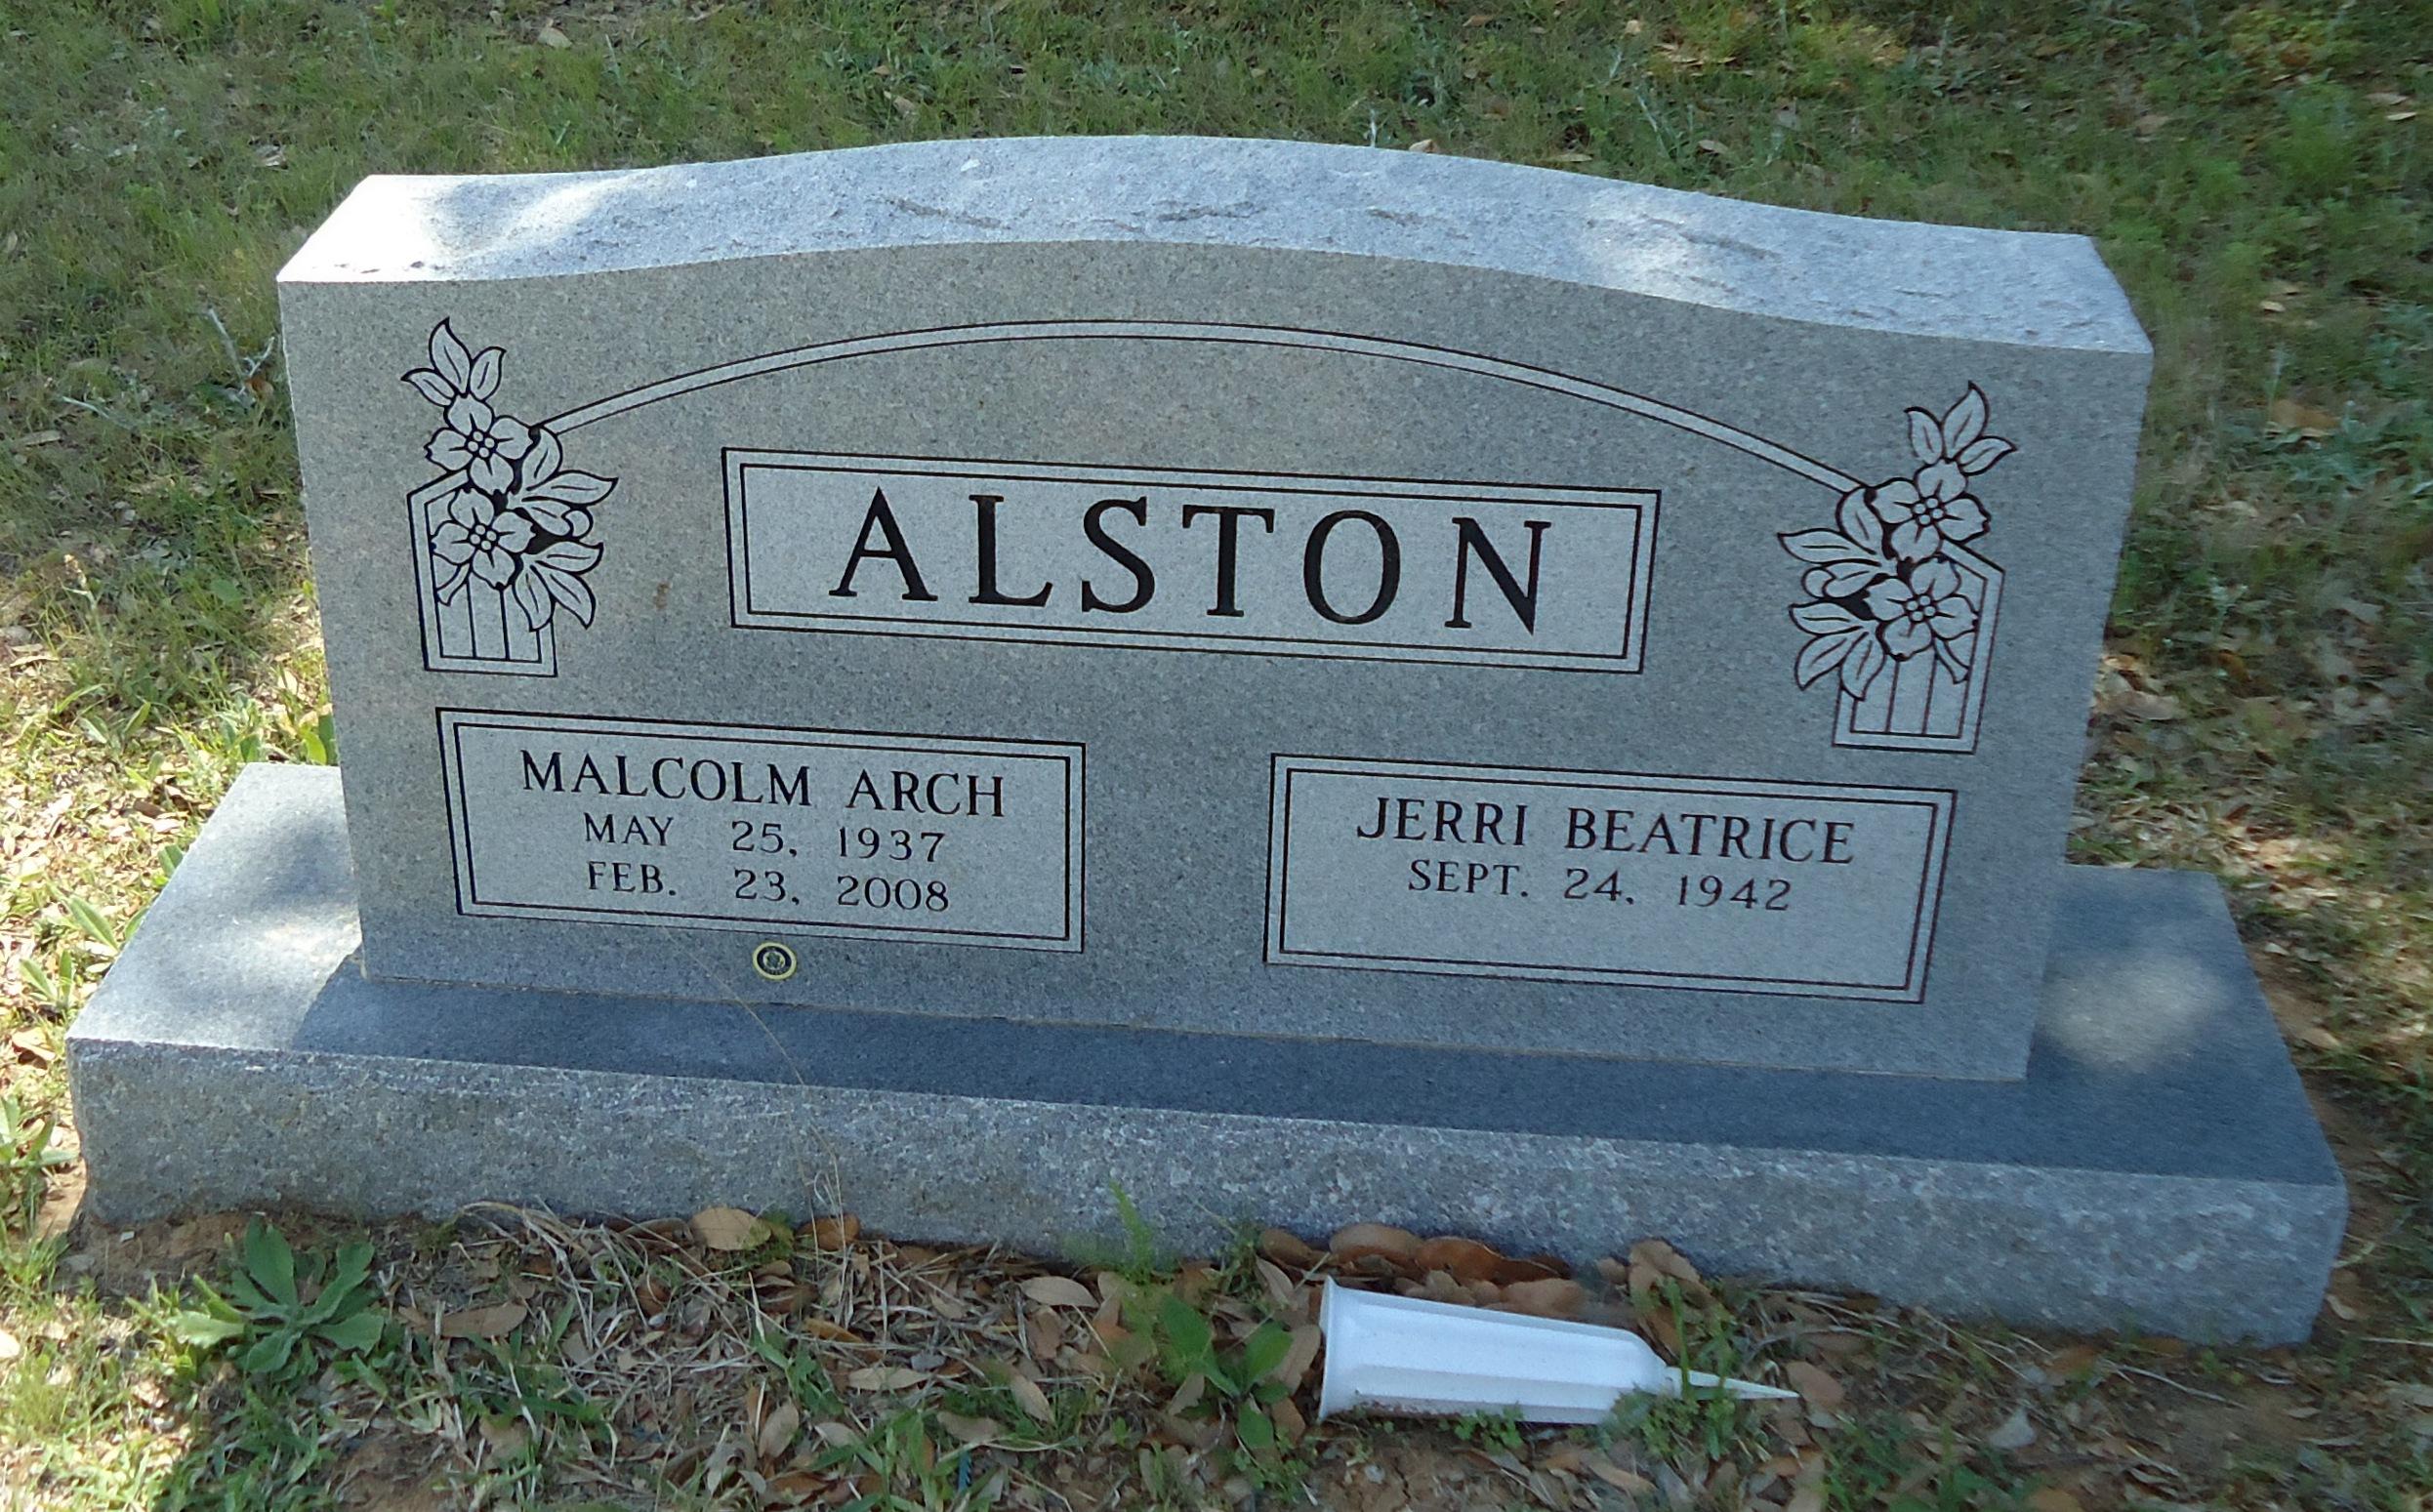 Malcolm Arch Alston